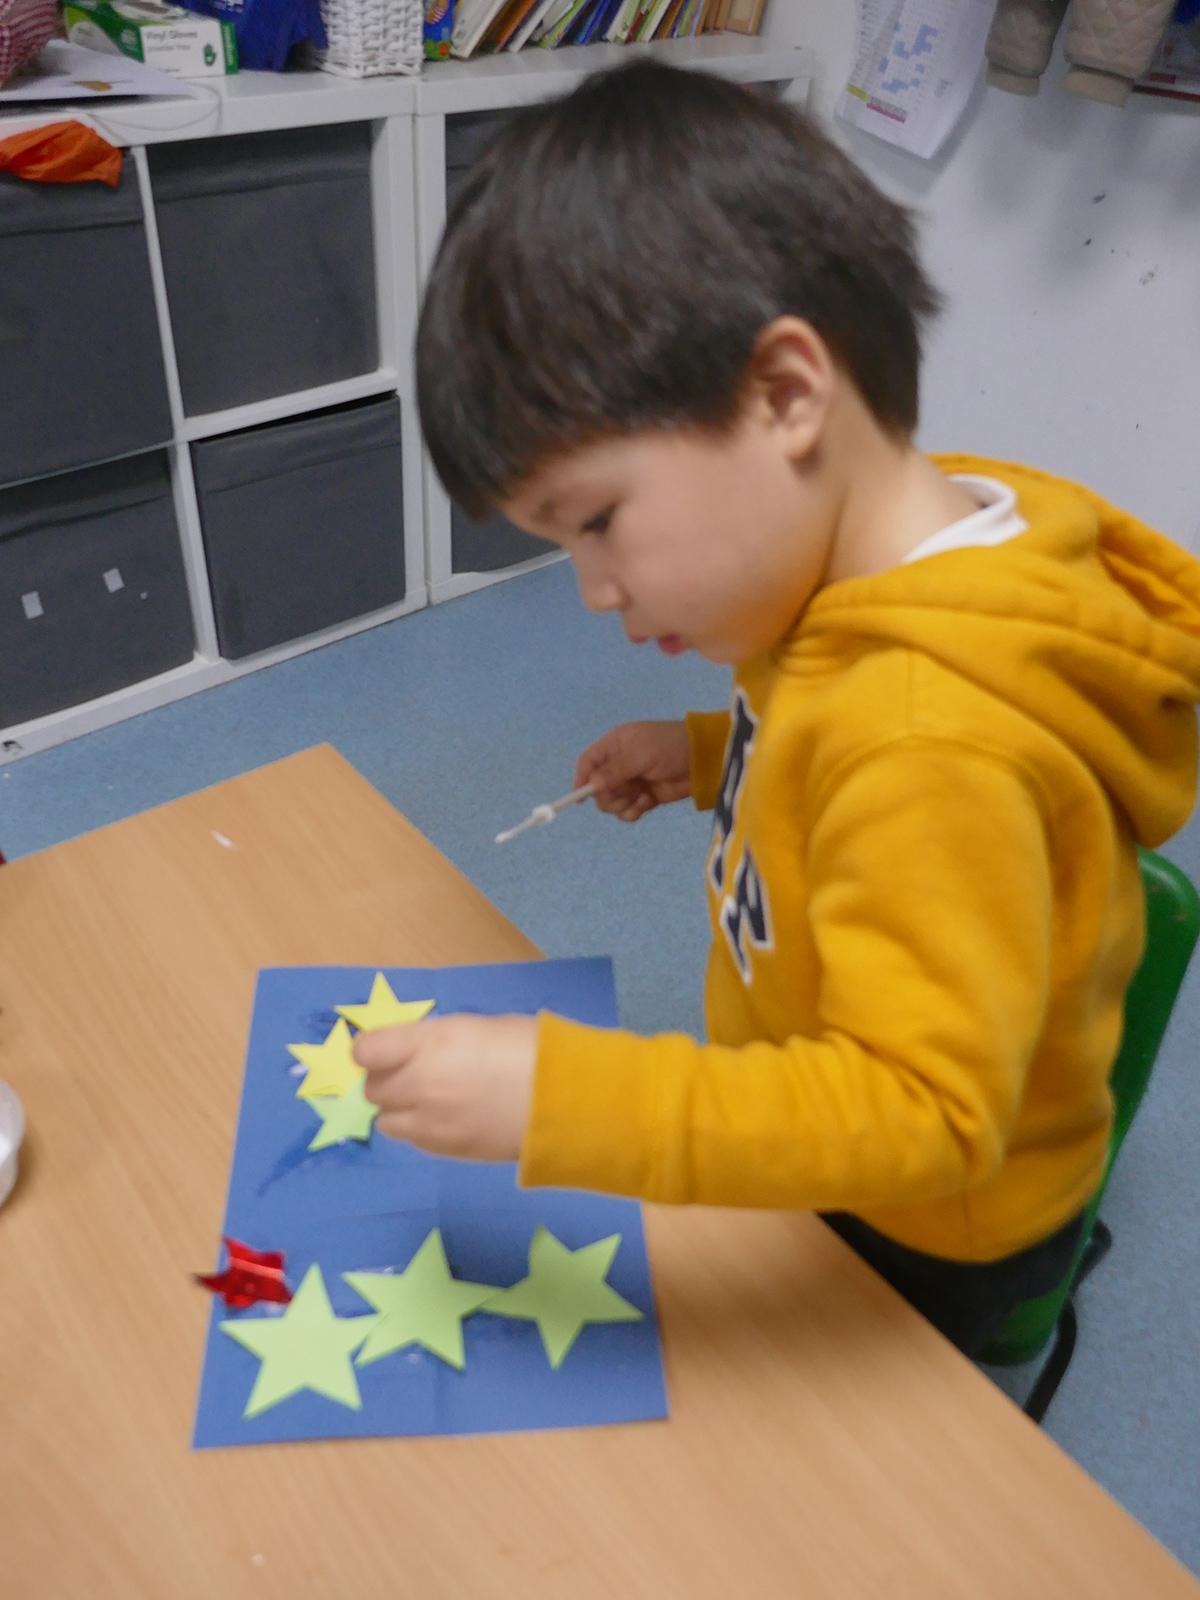 Little boy making a lantern